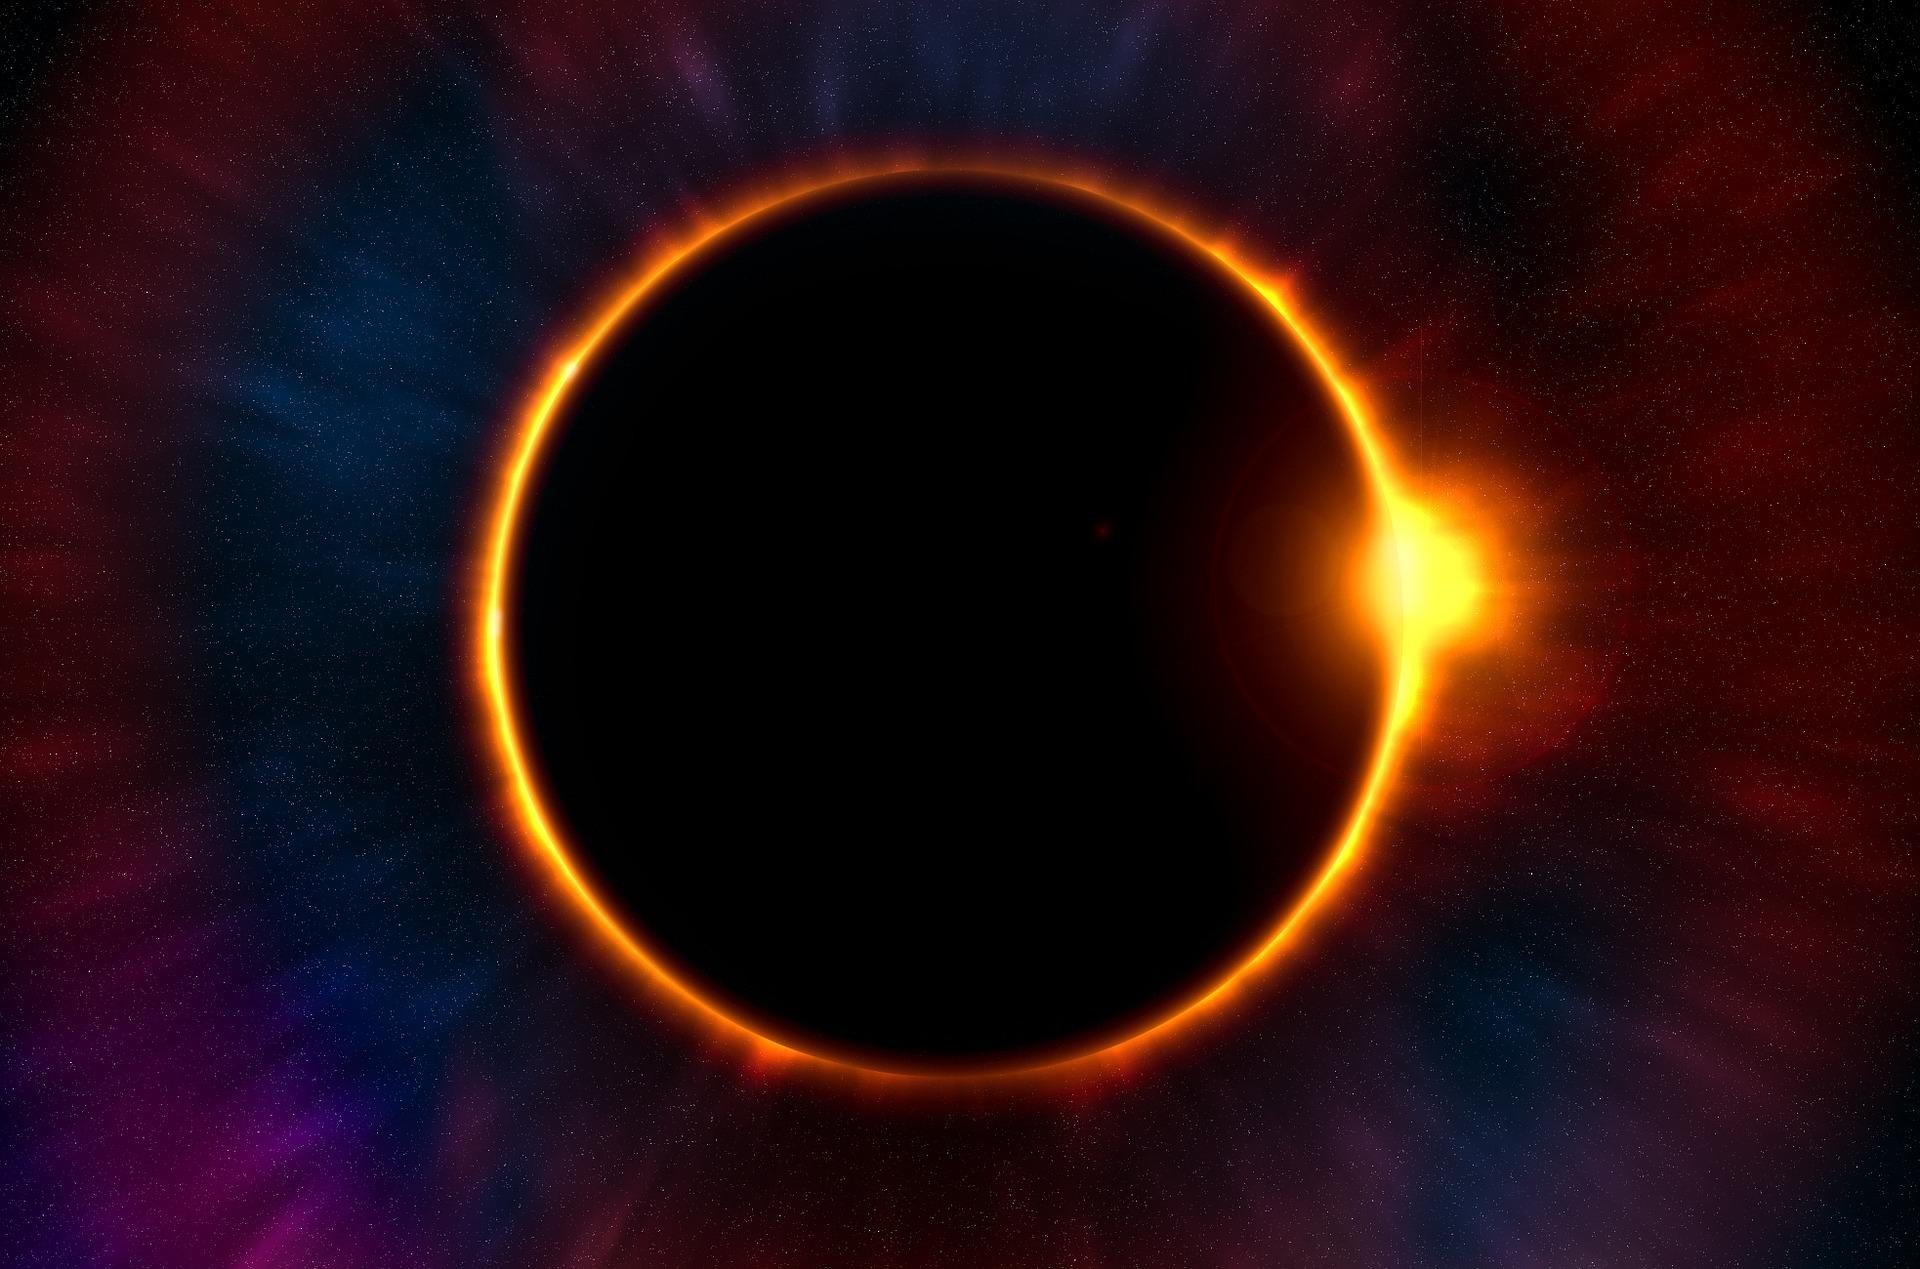 03c544f614 La mayor parte de las personas logra ver solo un eclipse solar en sus  vidas. Los chilenos, en cambio, tendremos la oportunidad de observar este  increíble ...